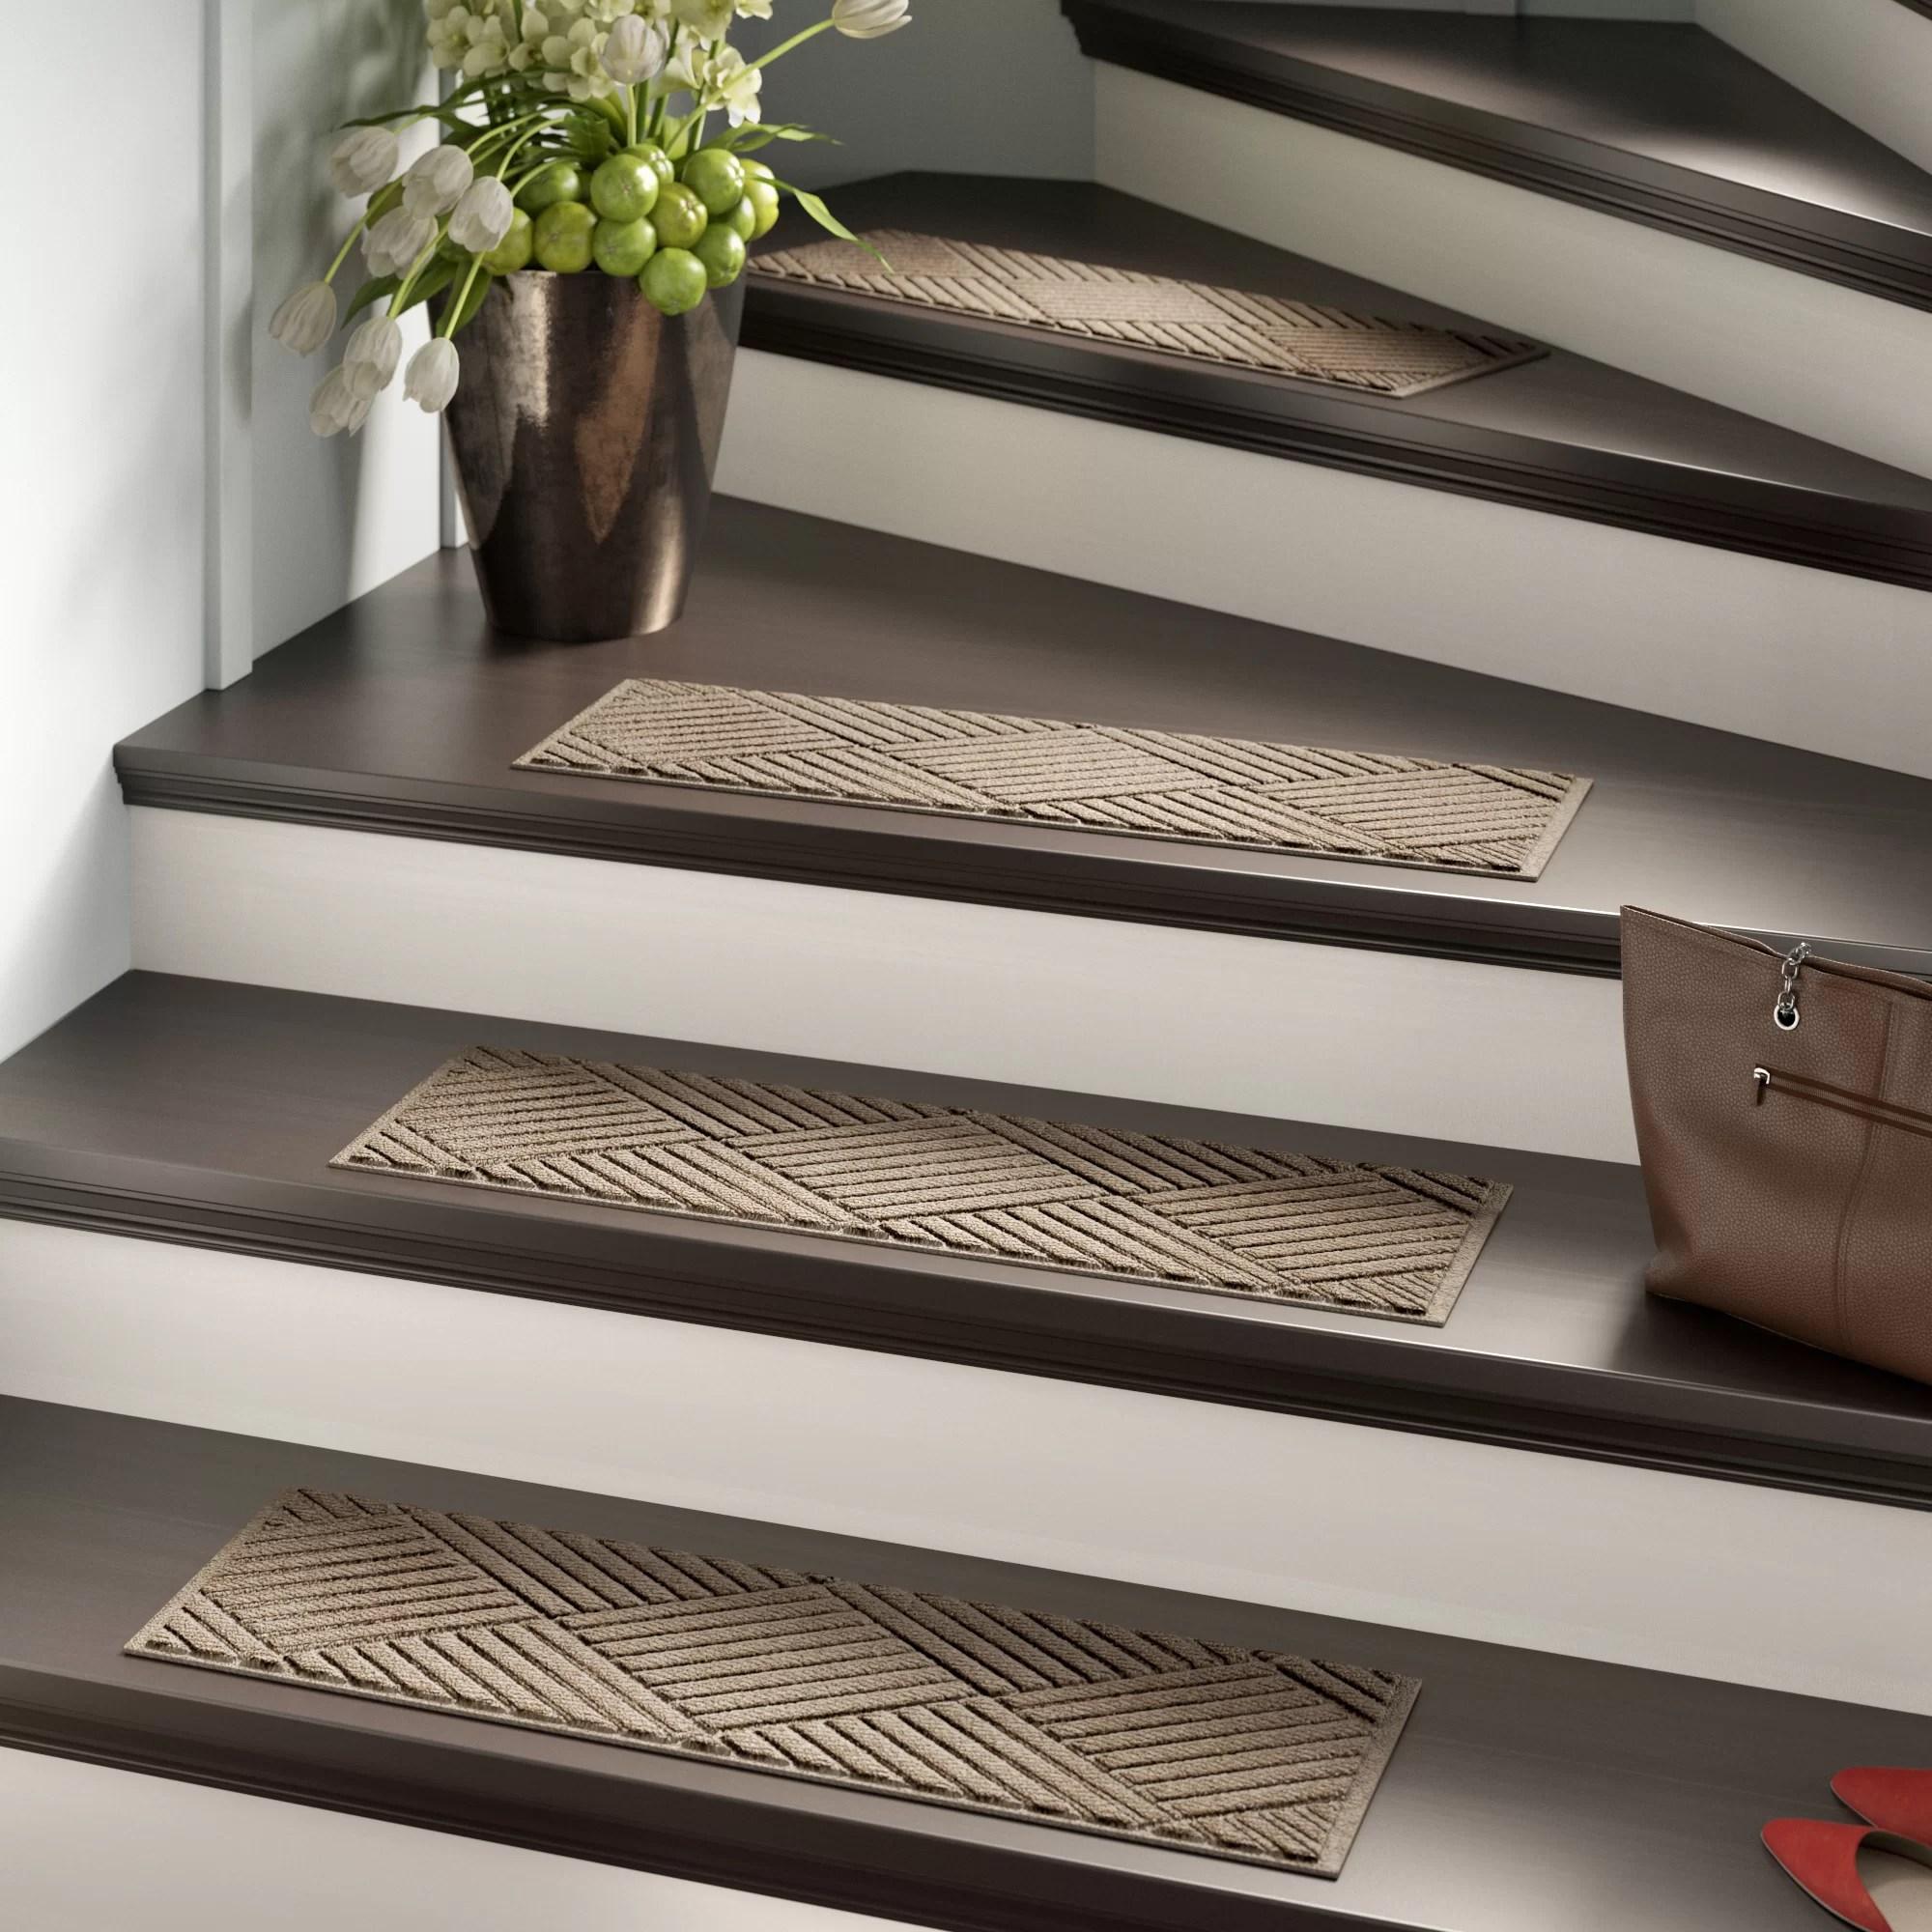 Stair Tread Rugs You Ll Love In 2020 Wayfair   Carpet Down Middle Of Stairs   Hardwood   Benjamin Moore   Carpet Runner   Landing   Stair Tread